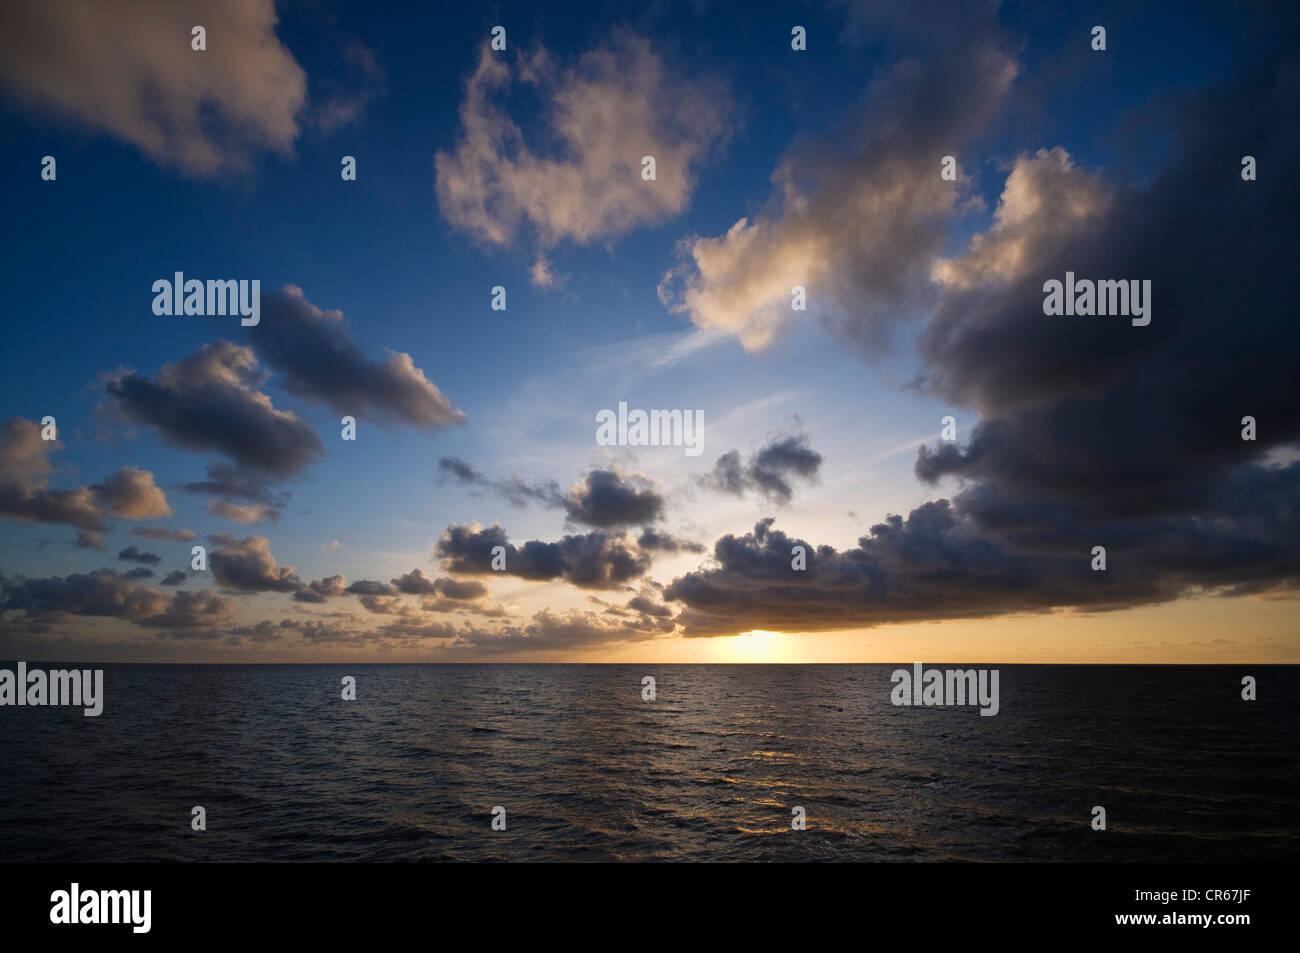 Dramatischen Sonnenuntergang, Lower Saxon Wattenmeer, UNESCO-Weltkulturerbe, Niedersachsen, Deutschland, Europa Stockbild